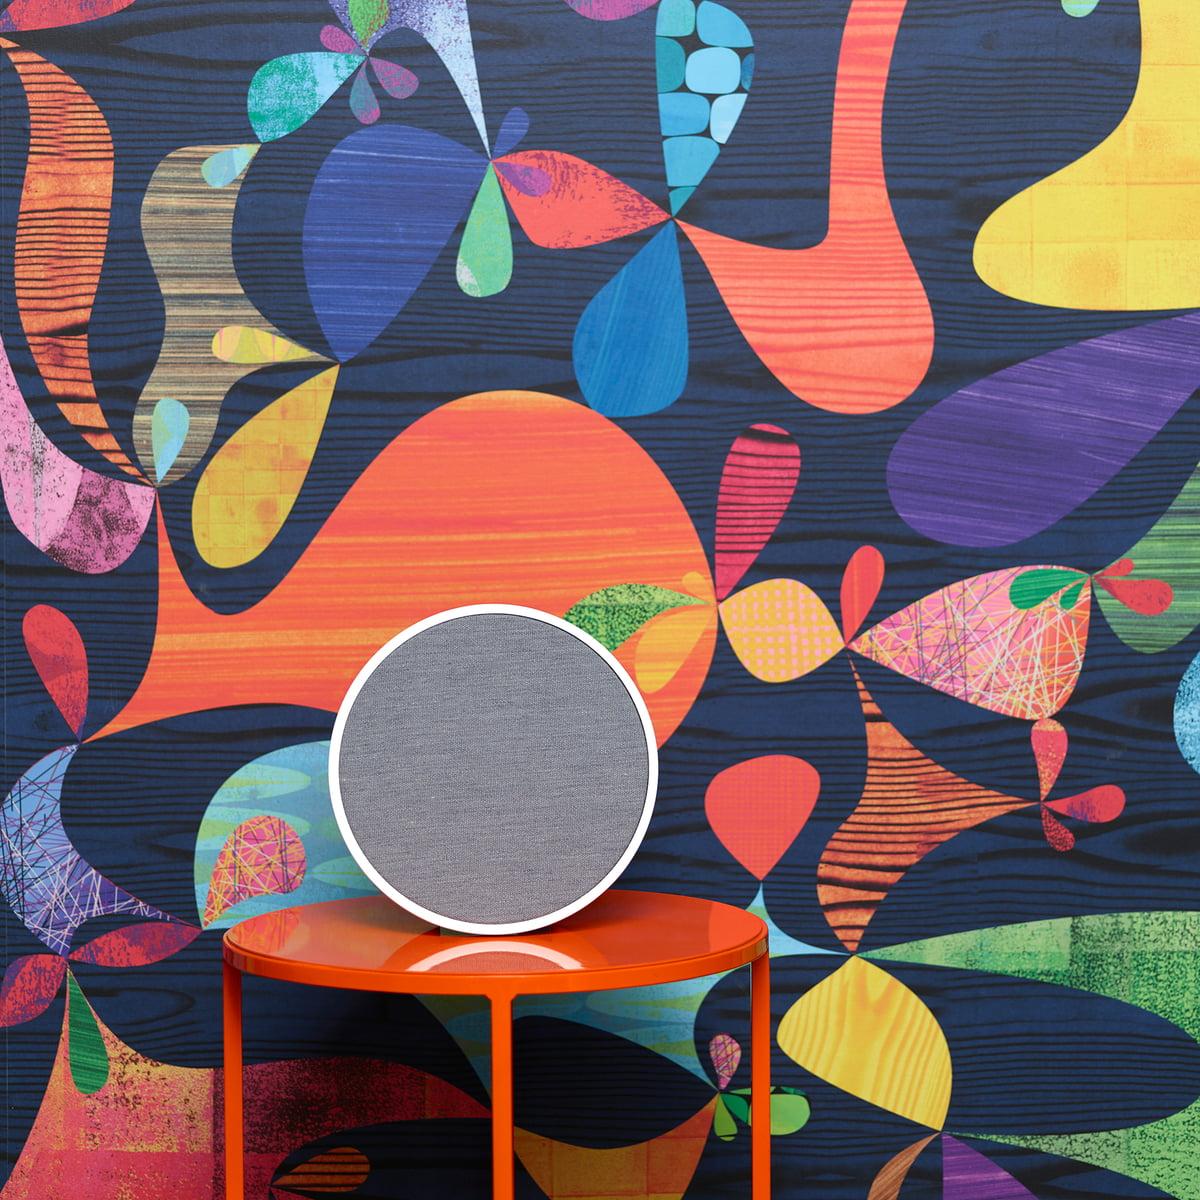 Tivoli-Audio-ART-Orb-weiss-grau-Beistelltisch-frei.jpg